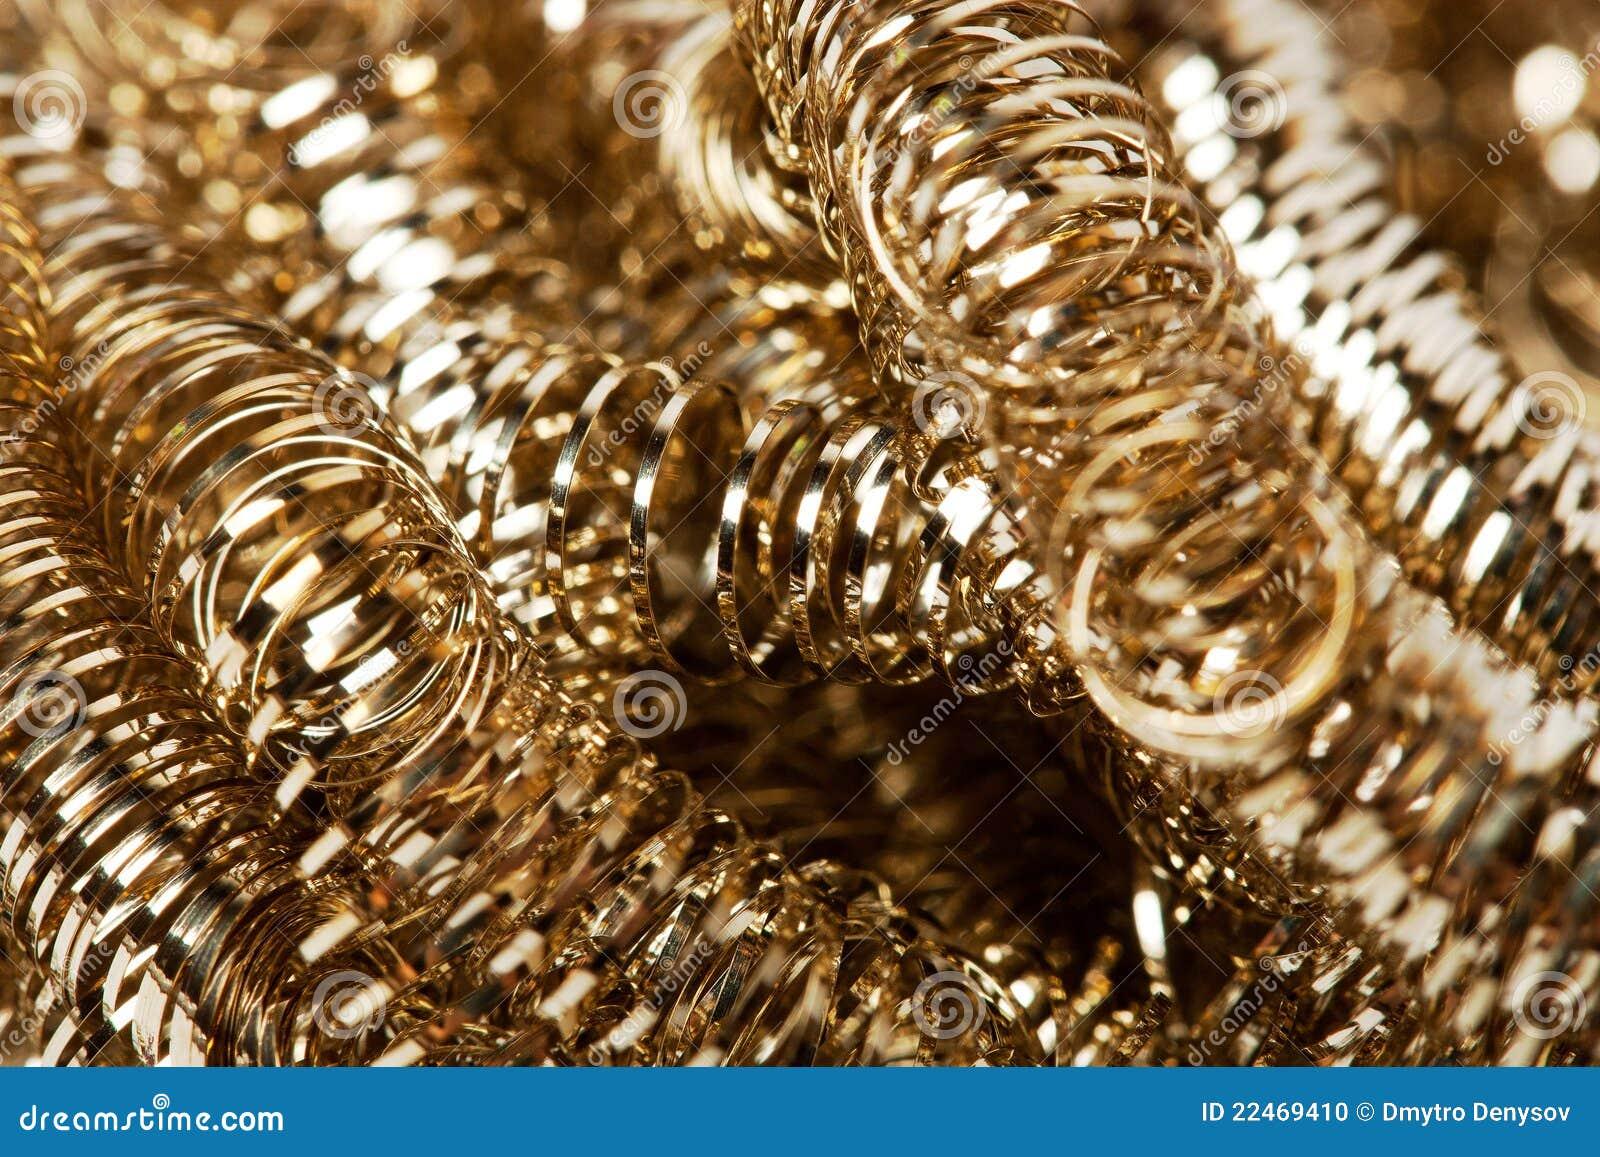 Virutas del oro del desecho